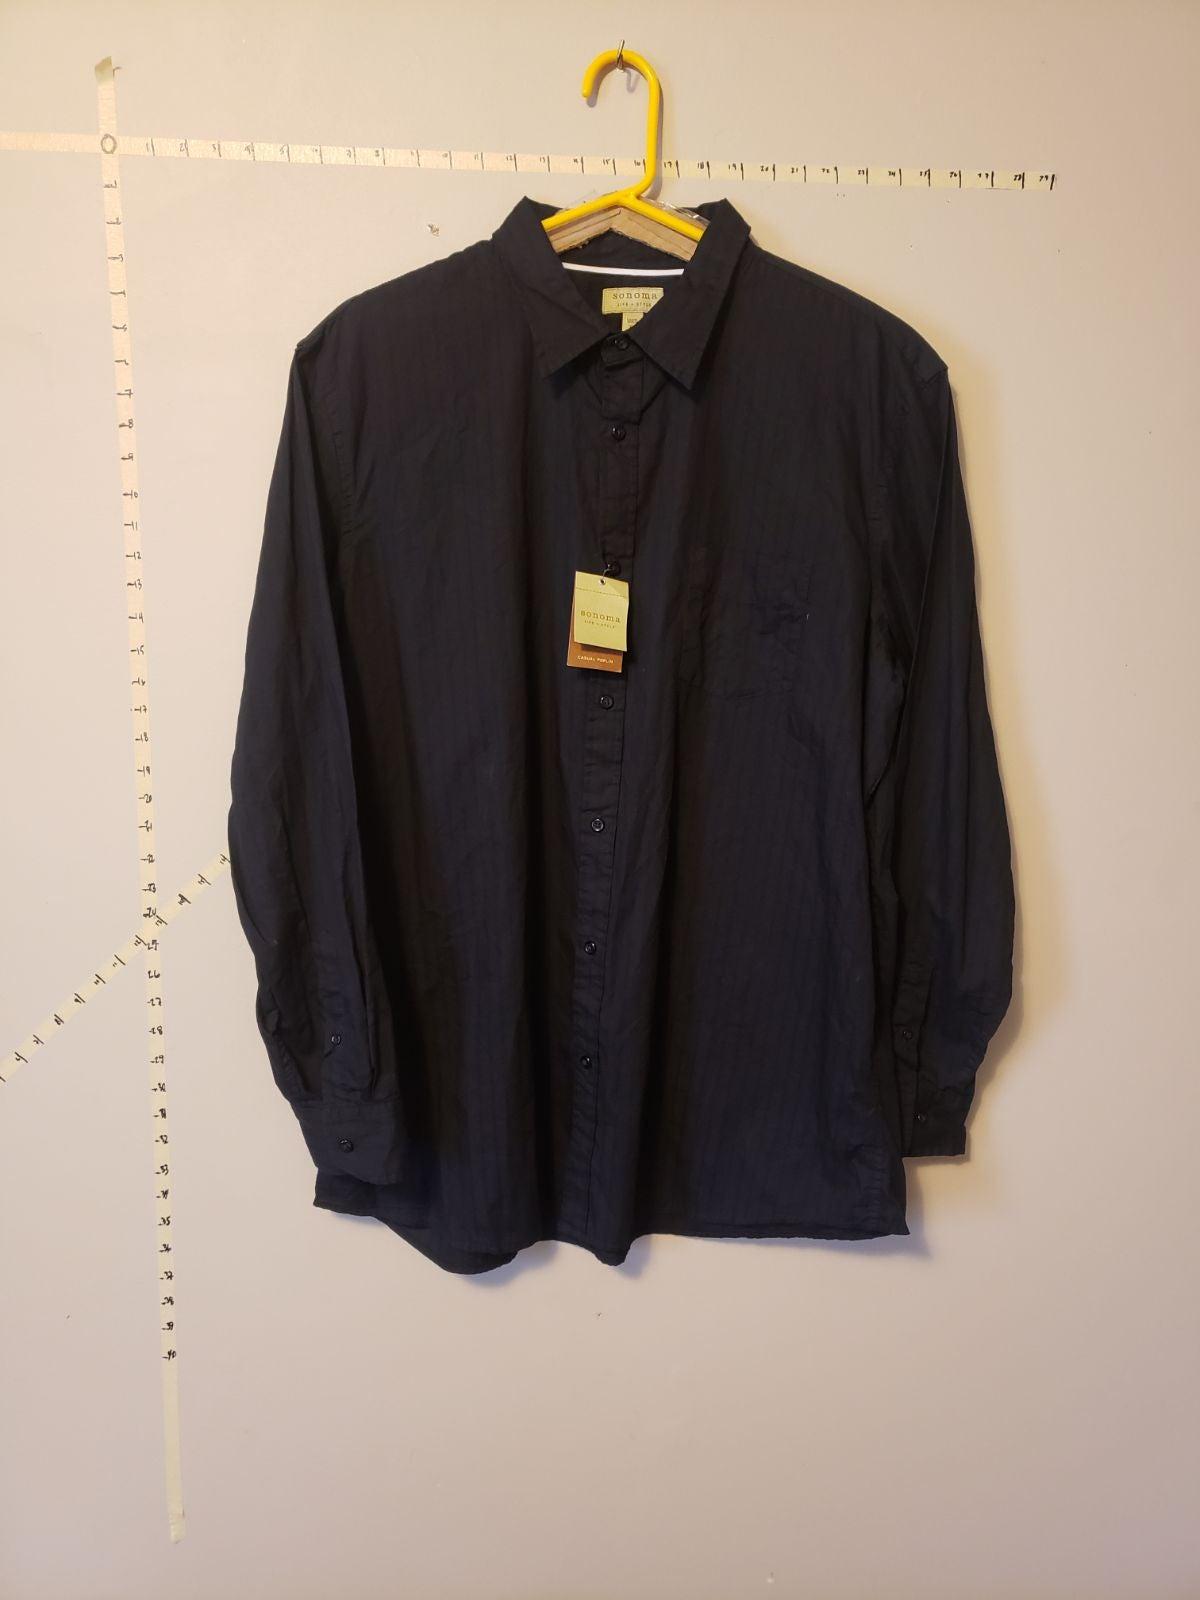 Sonoma Mens XL Buttun Up Shirt NWT's